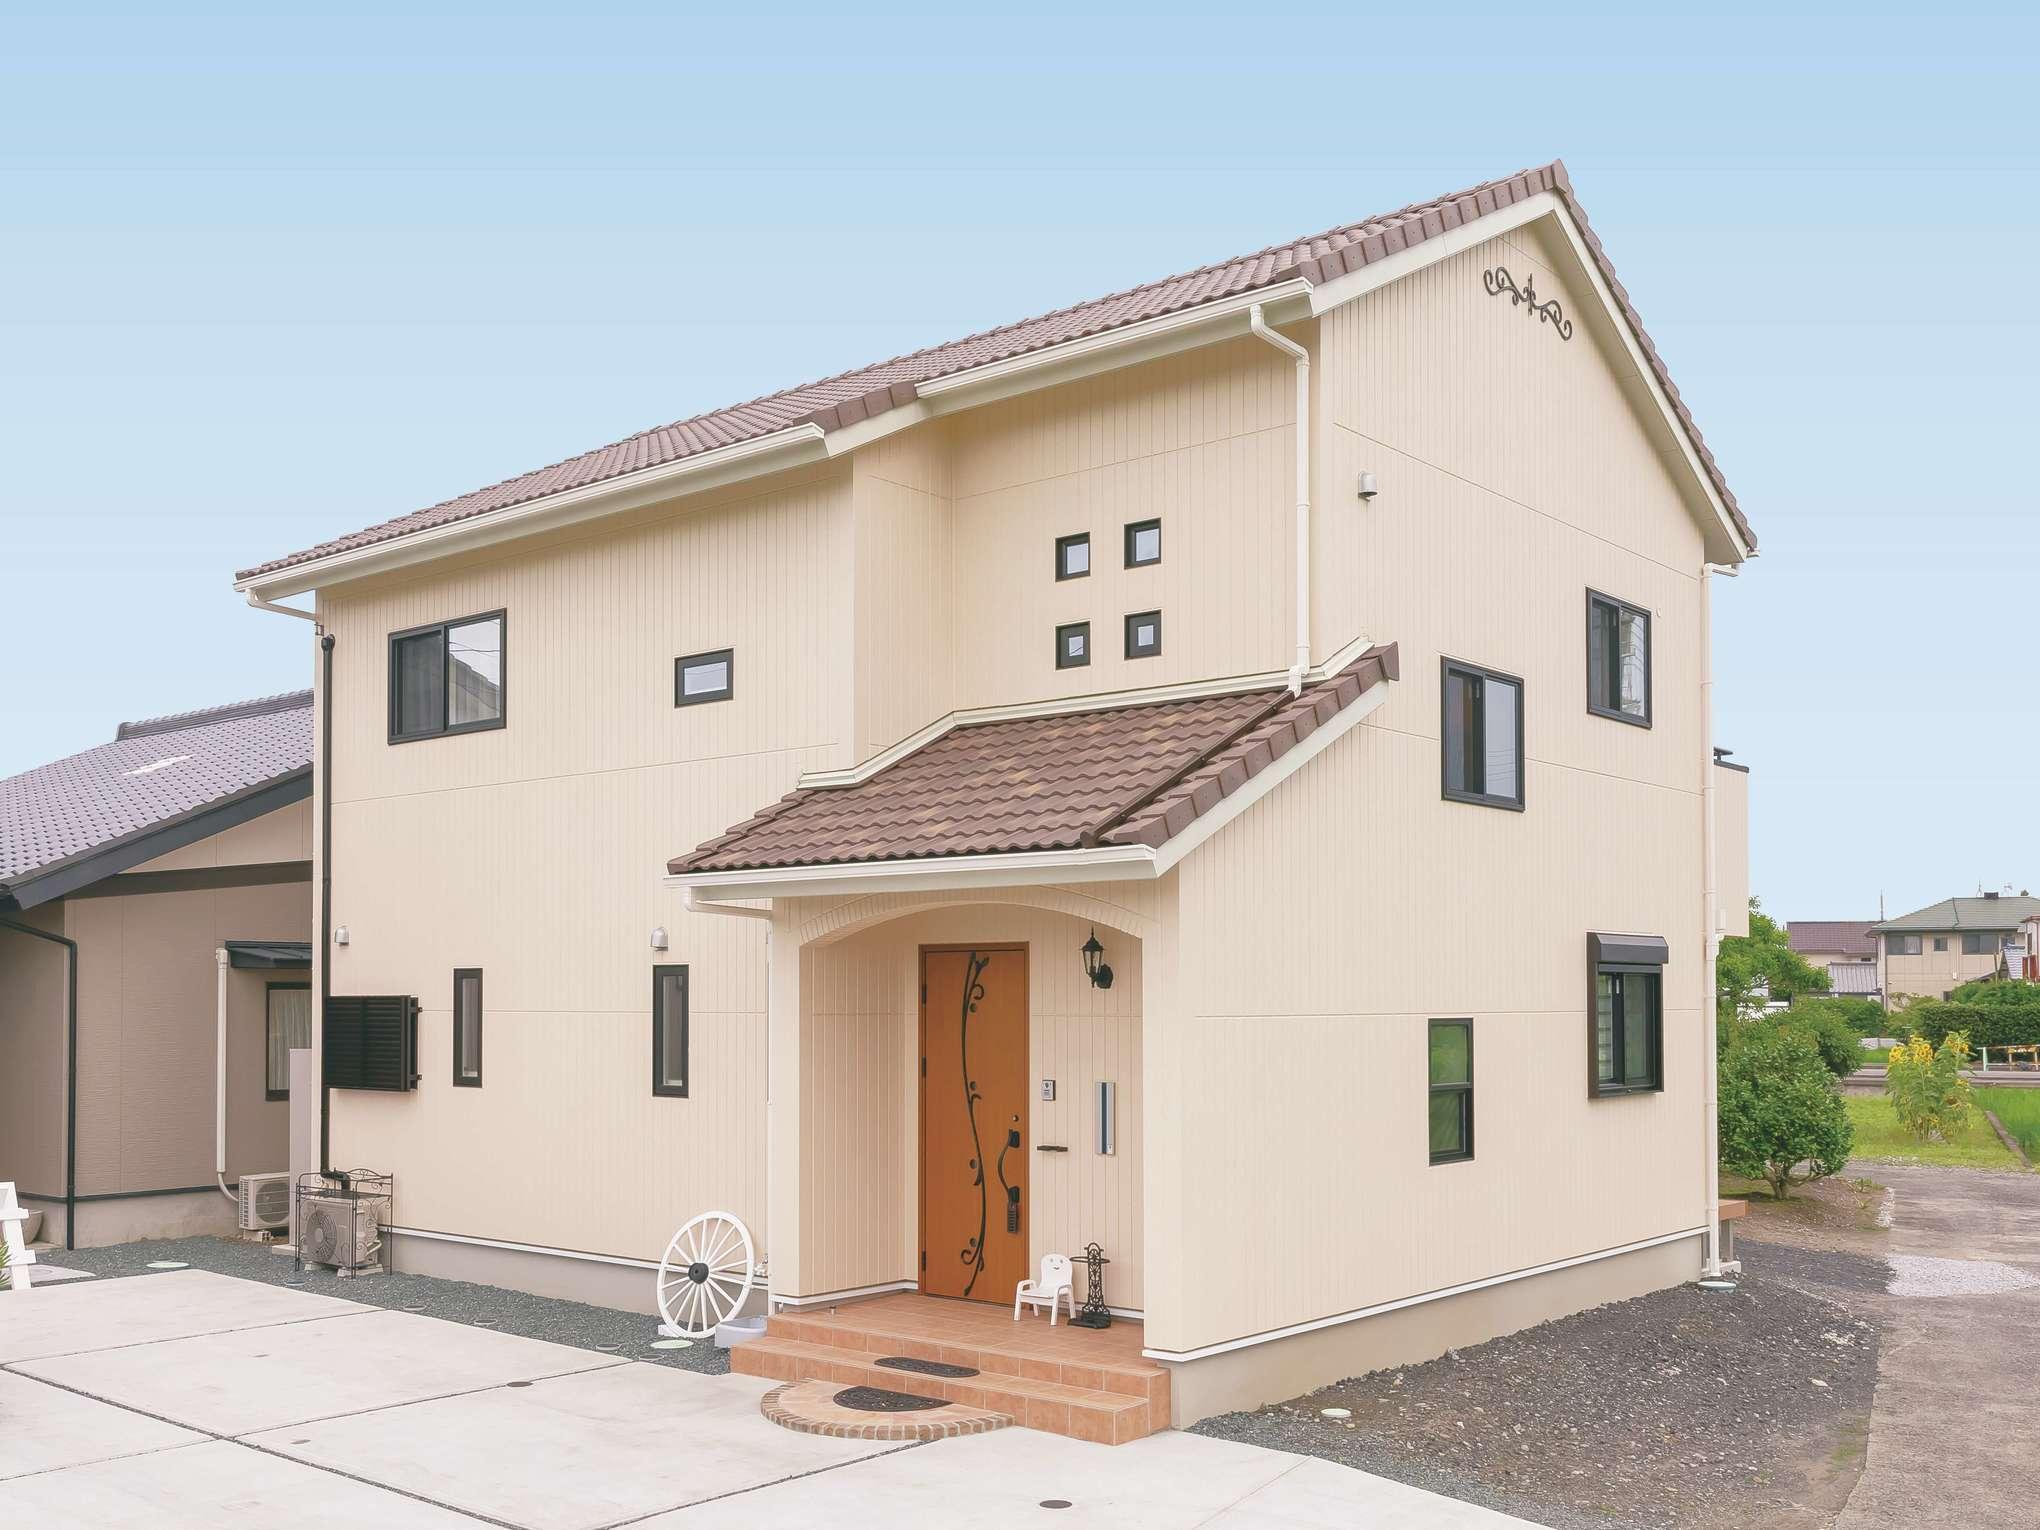 原田工務店【デザイン住宅、子育て、間取り】ポーチのタイルや瓦の素材選びにこだわったかわいらしい外観